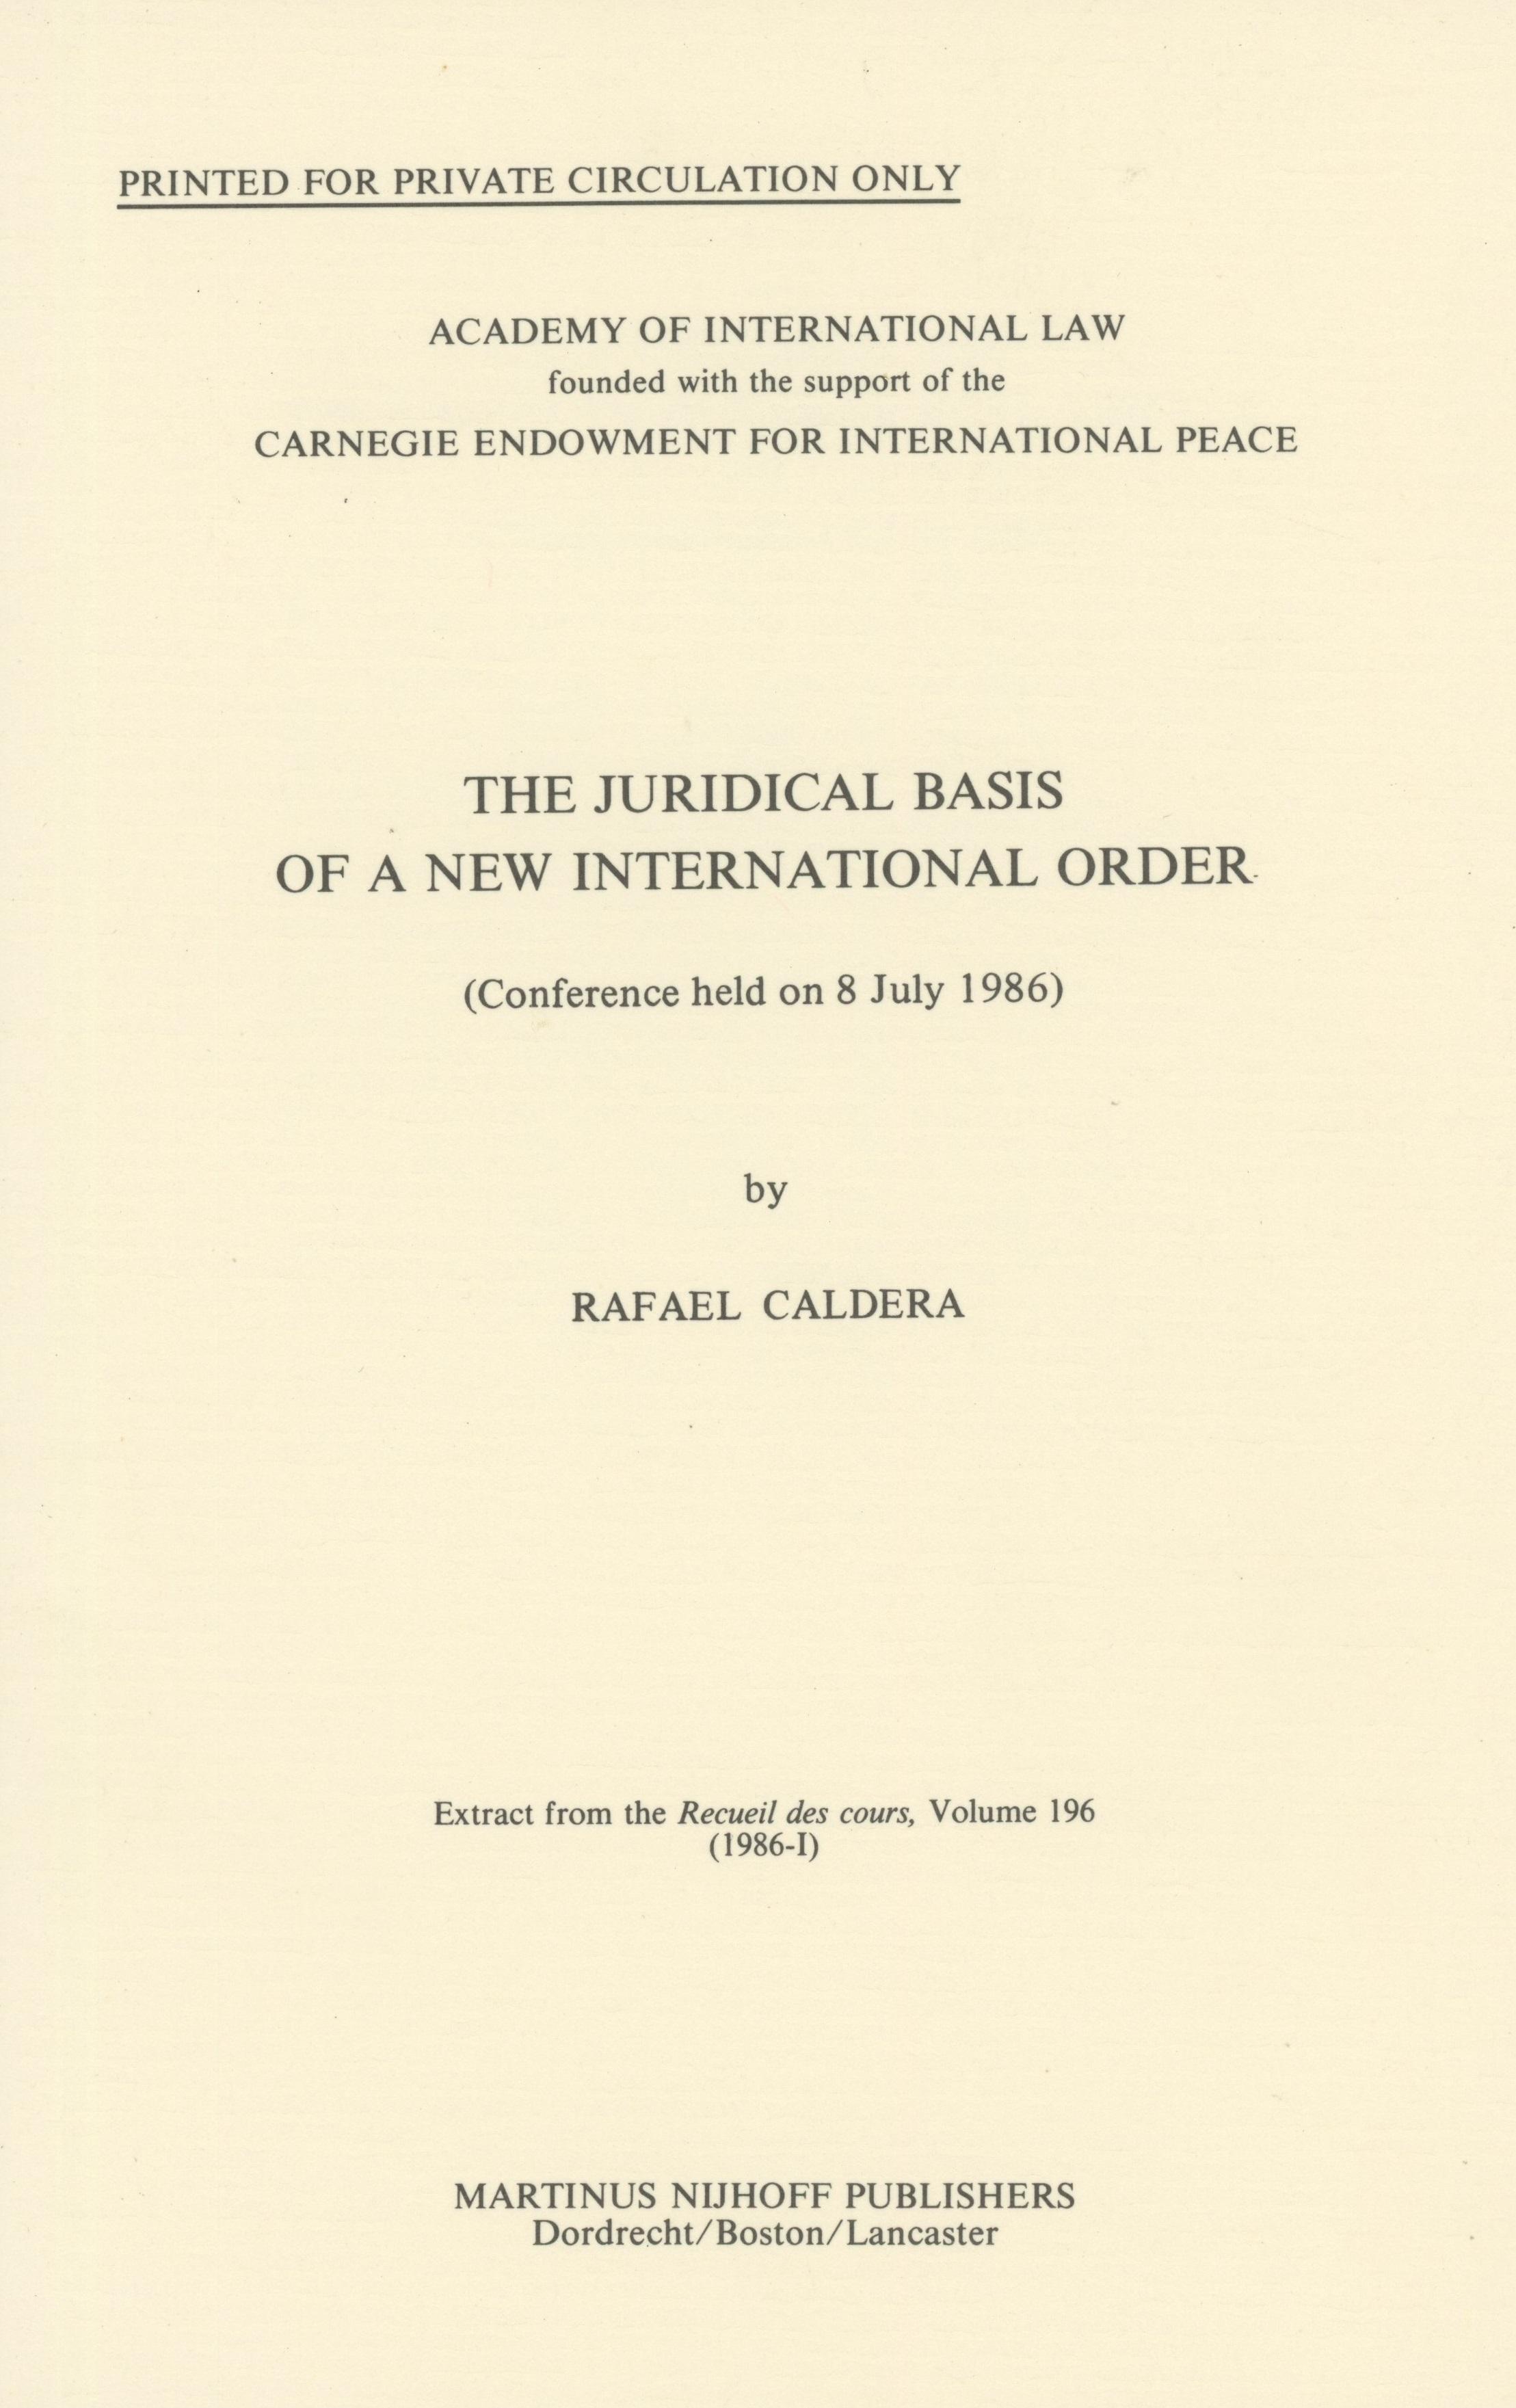 Fundamentos jurídicos del Nuevo Orden Internacional (1986)